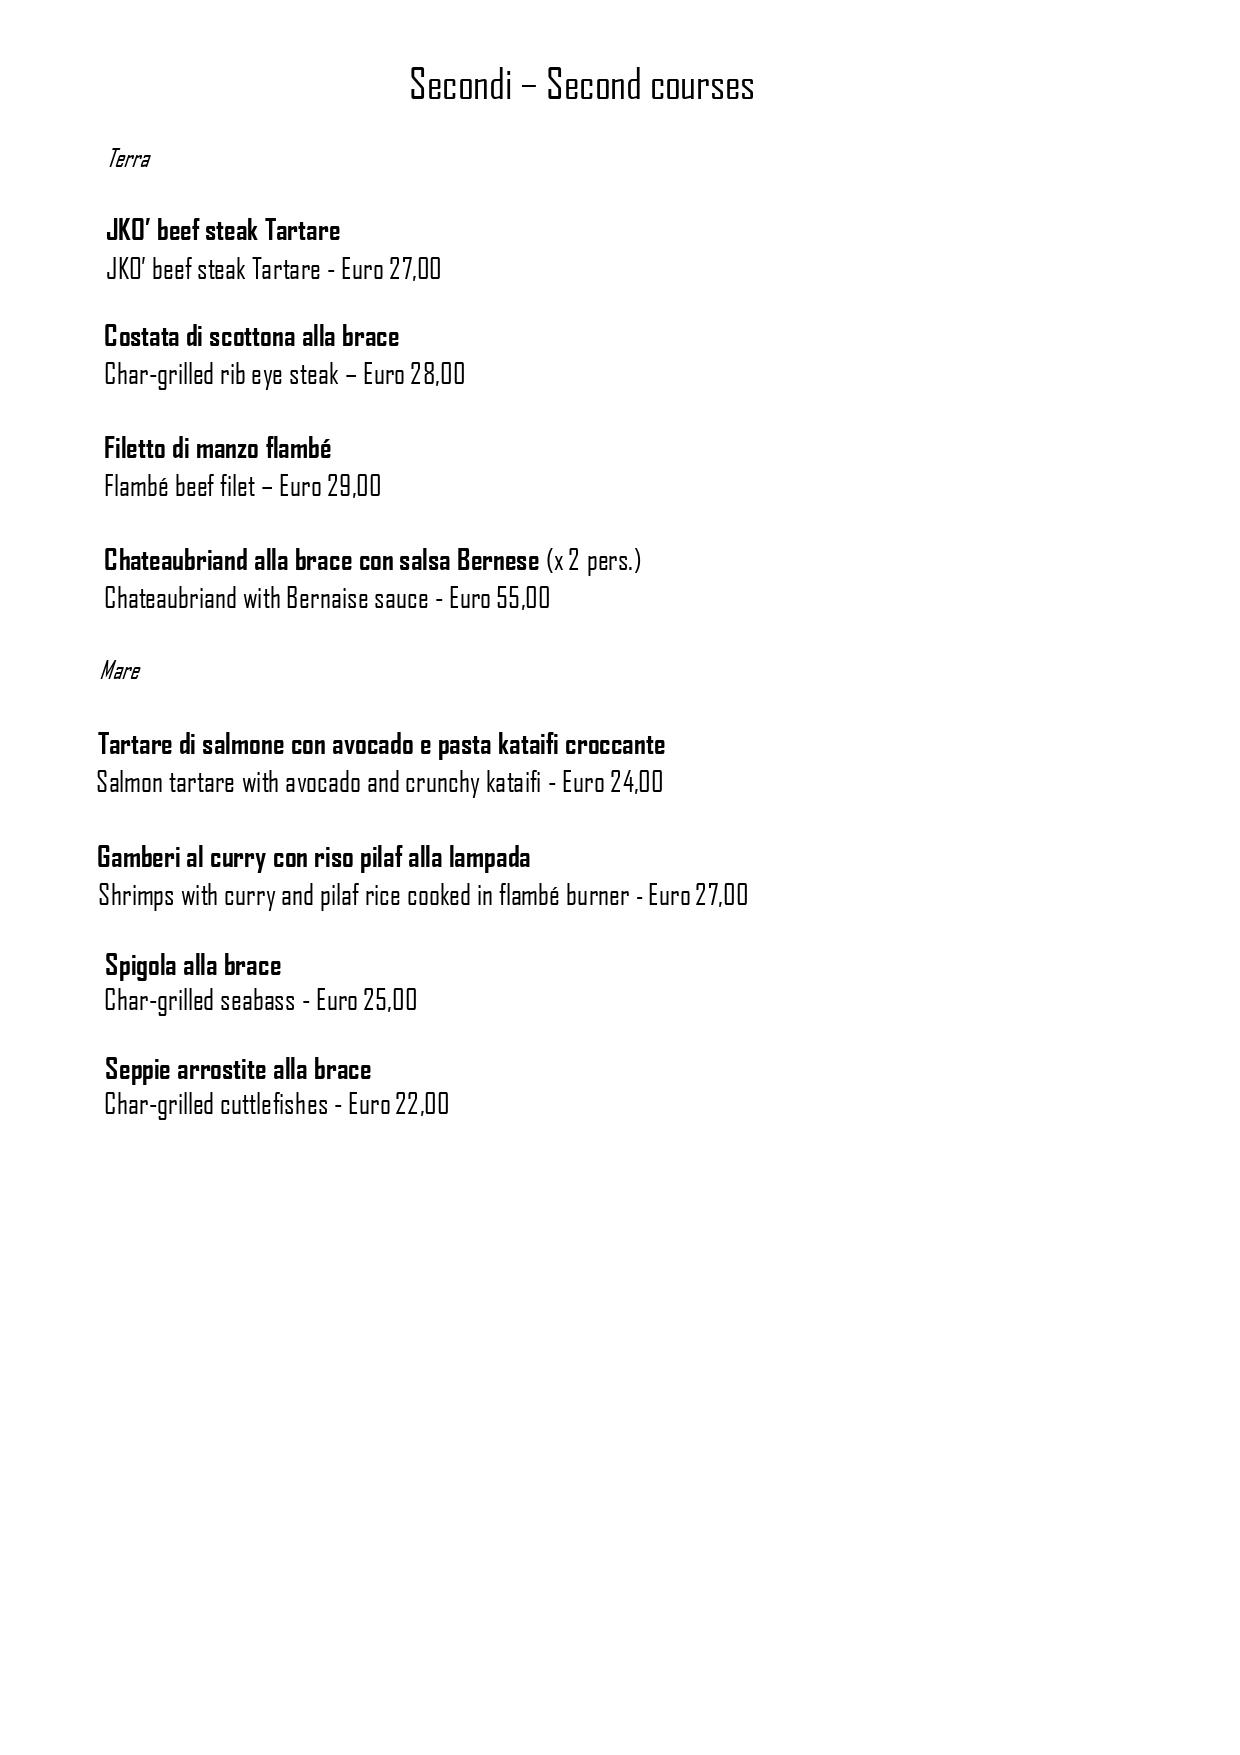 Secondi e contorni aprile21_page-0001